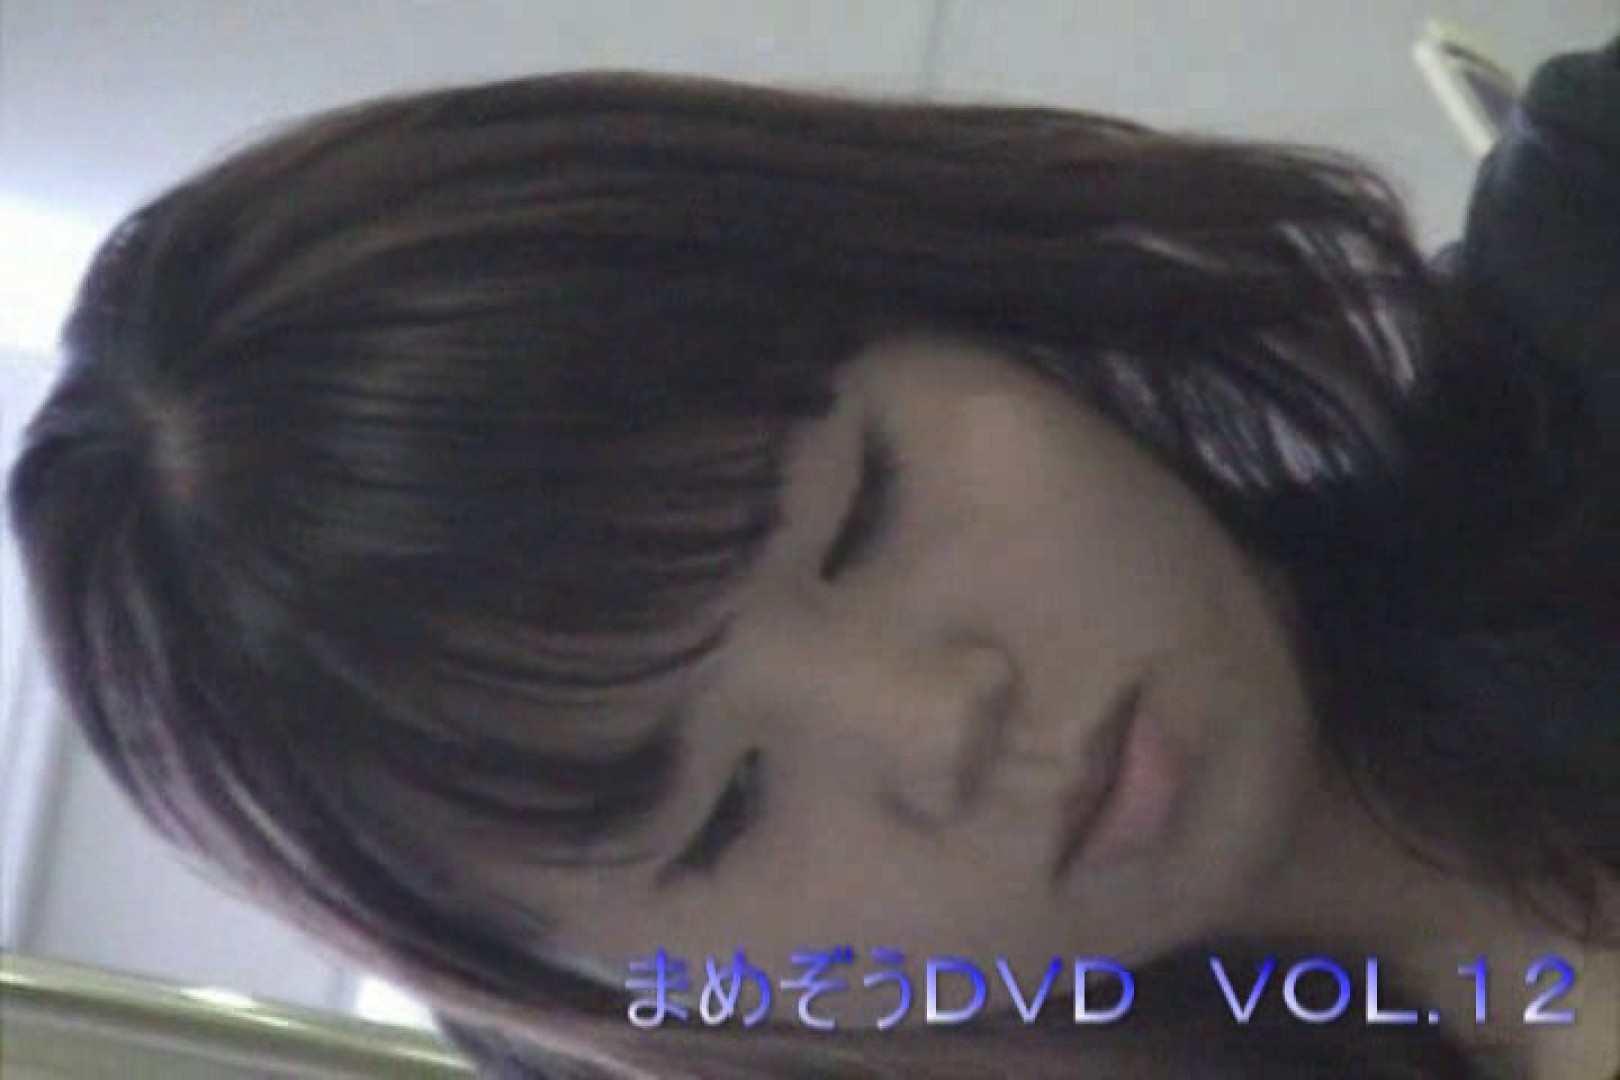 まめぞうDVD完全版VOL.12 OL   ギャル・コレクション  63連発 46